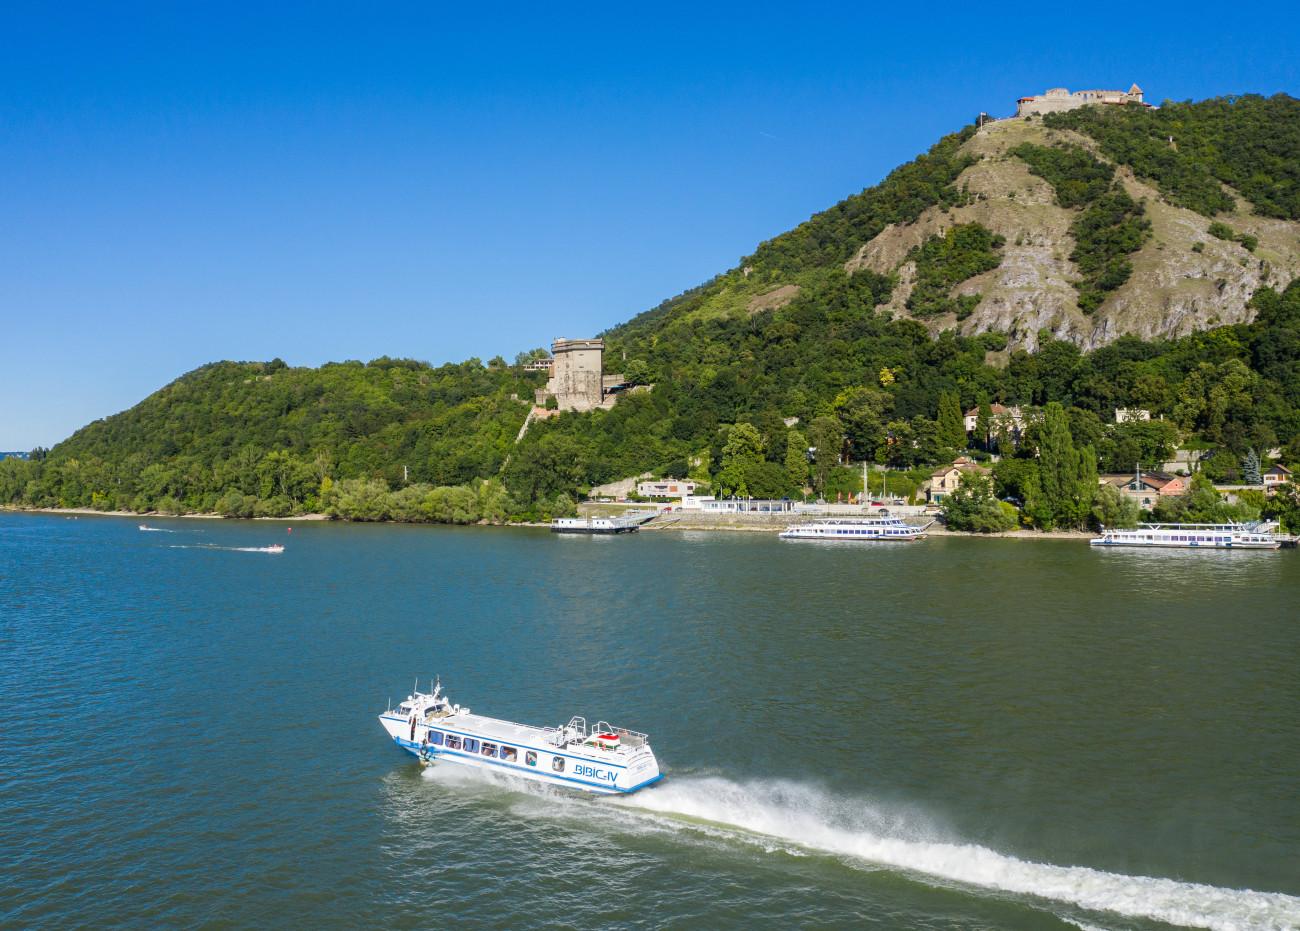 Visegrád, 2020. július 31. Bibic IV szárnyashajó a Dunán Visegrád előtt 2020. augusztus 1-jén. MTI/Mohai Balázs